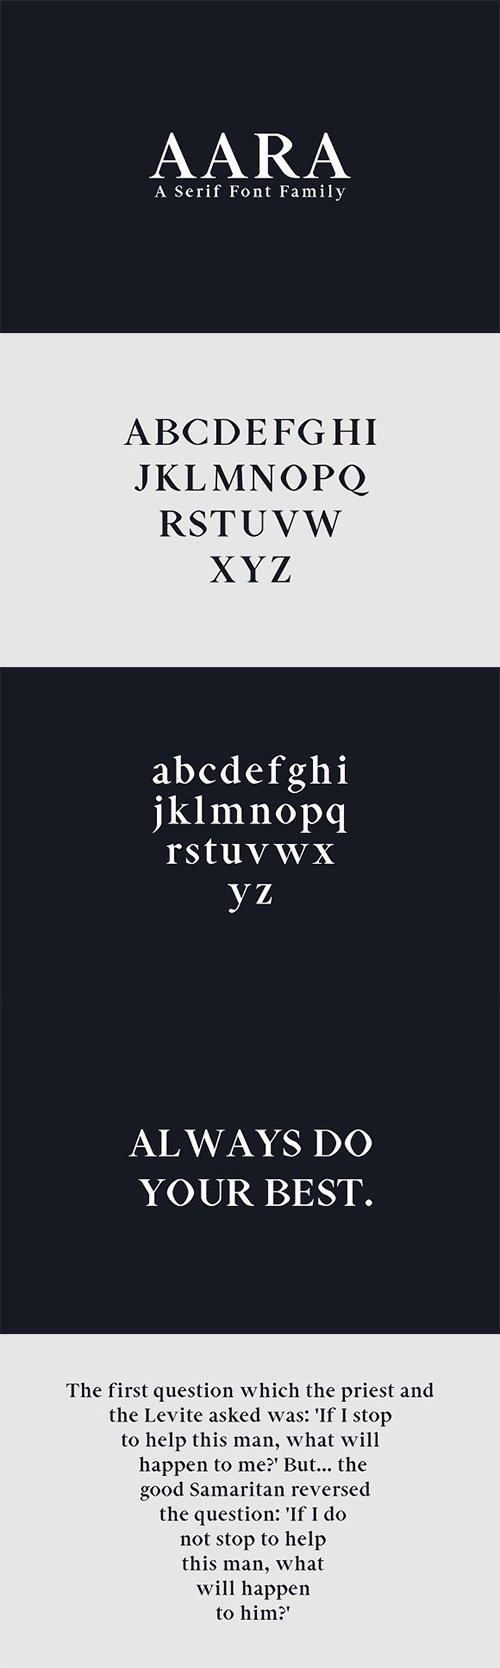 Aara Serif Font Family Pack 1377631